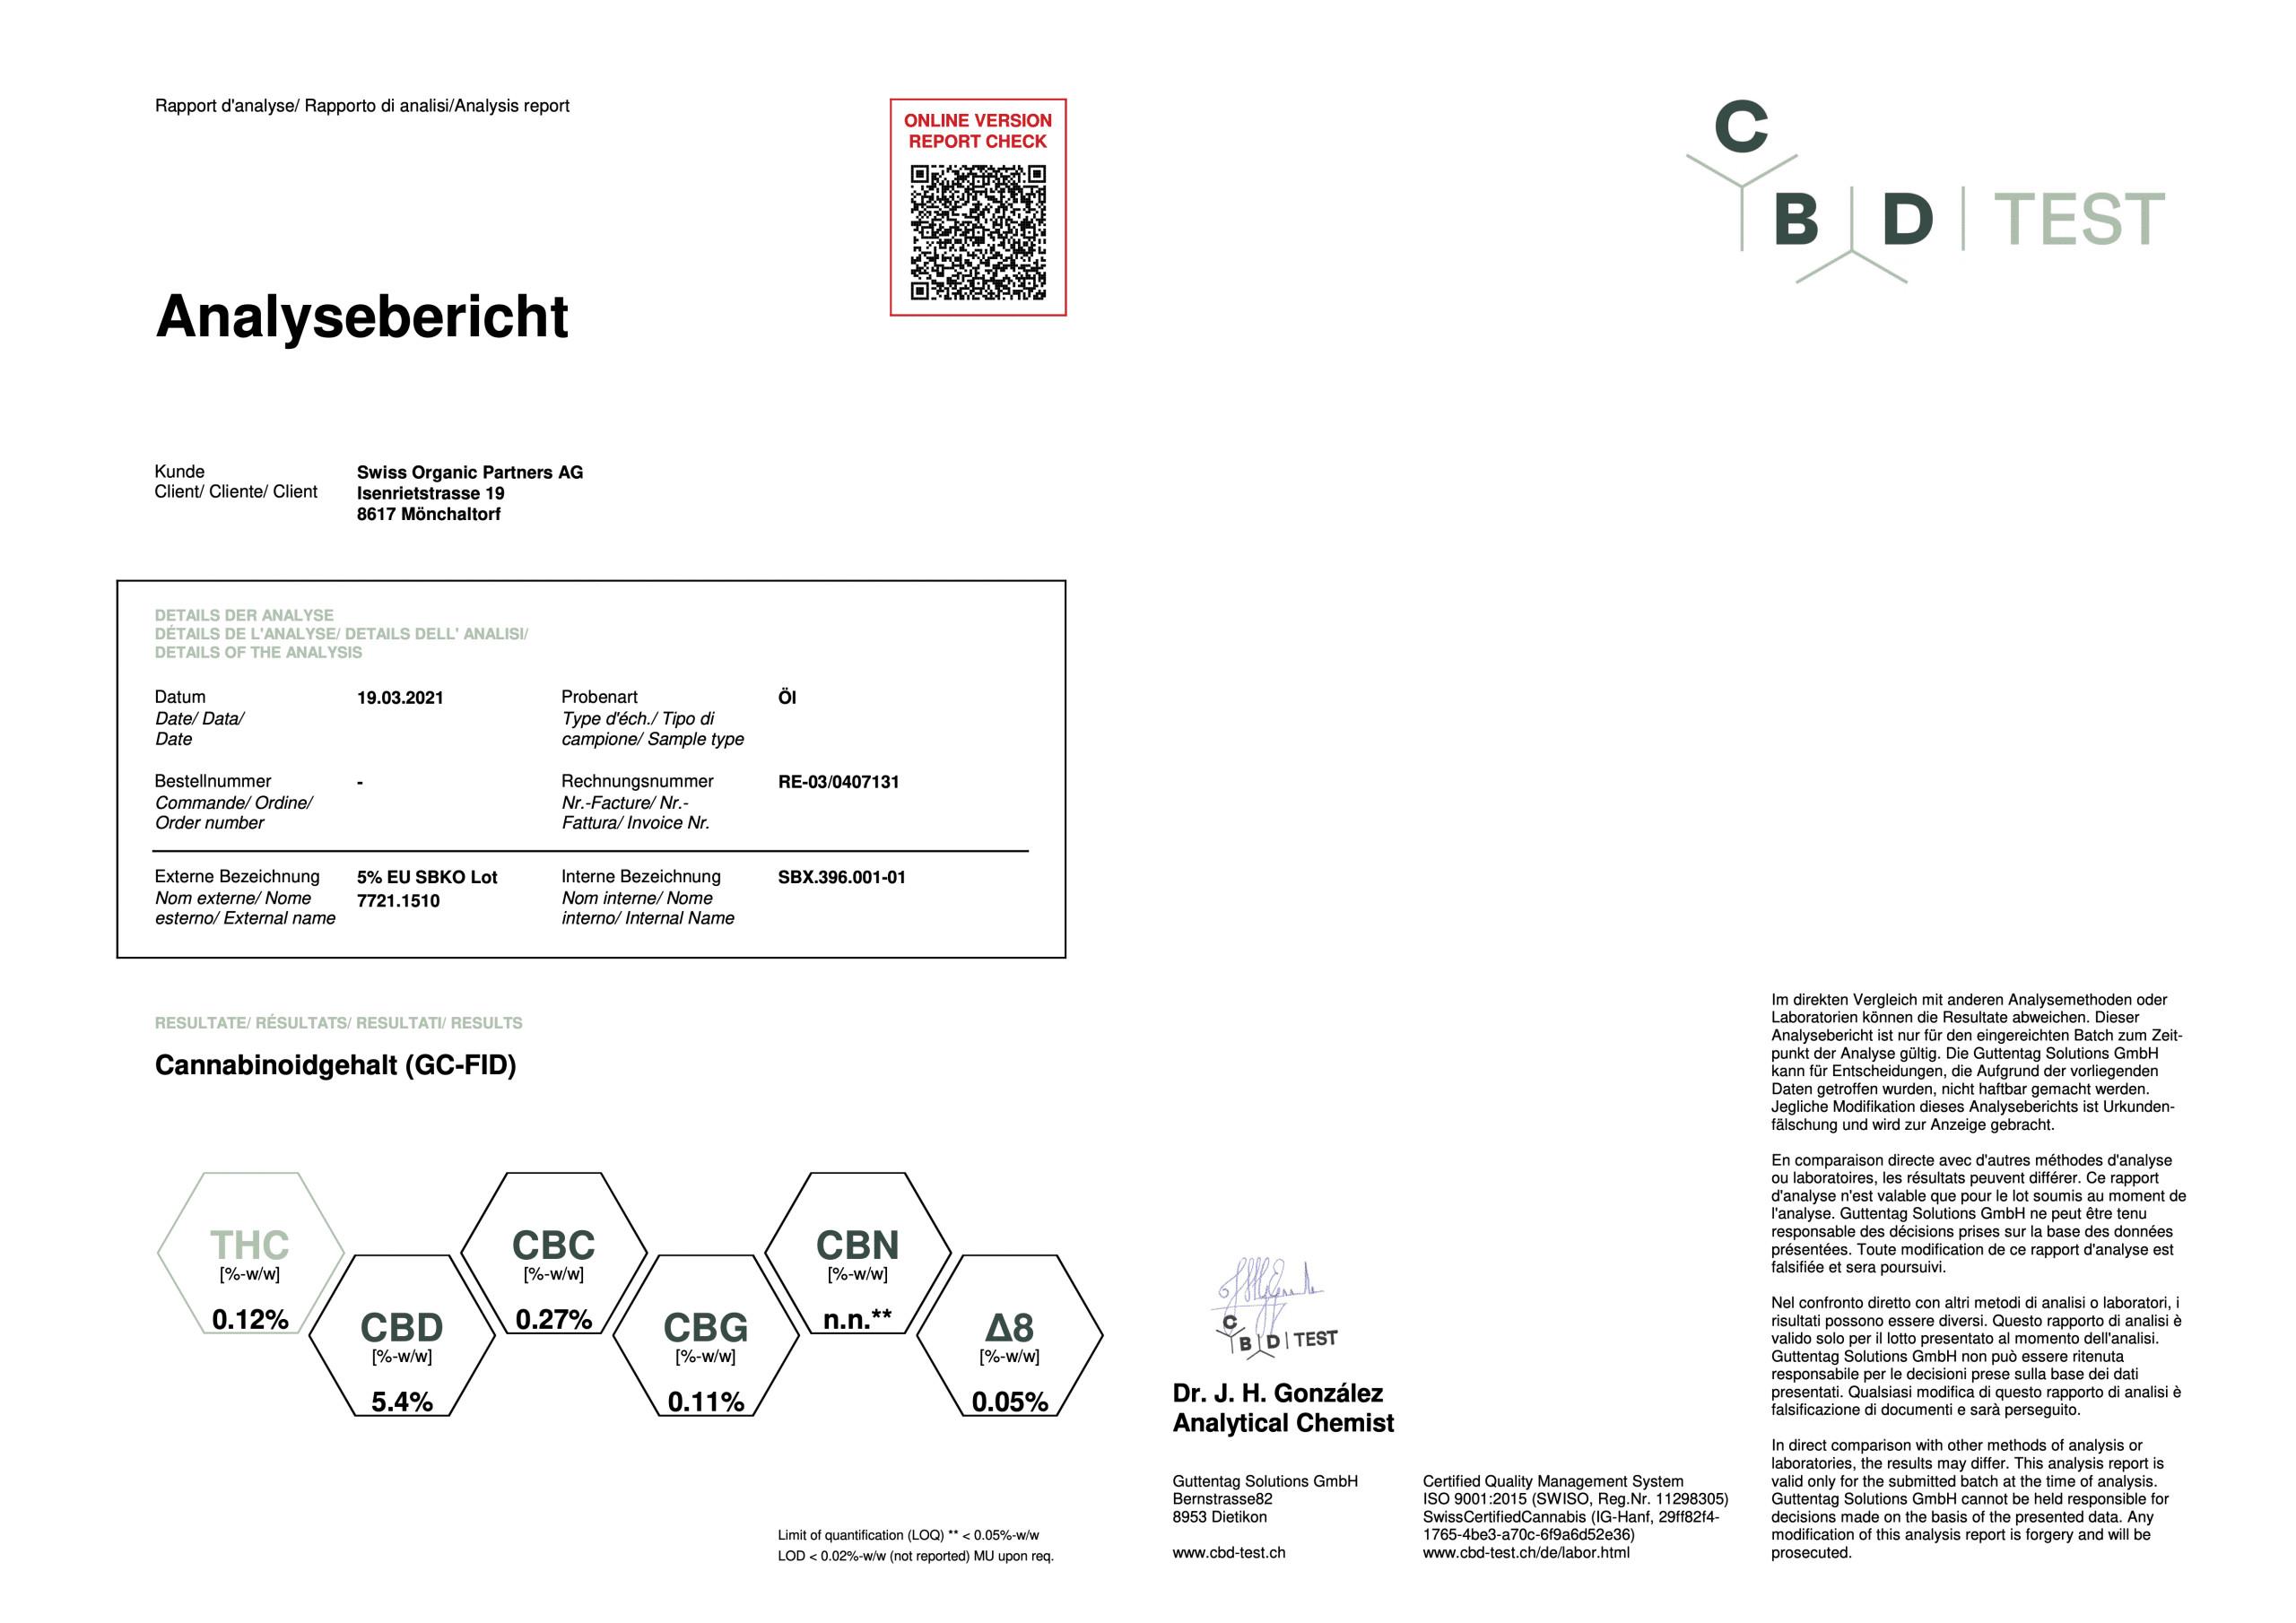 5% Full Spectrum CBD Oil Lab Report /19/03/2021